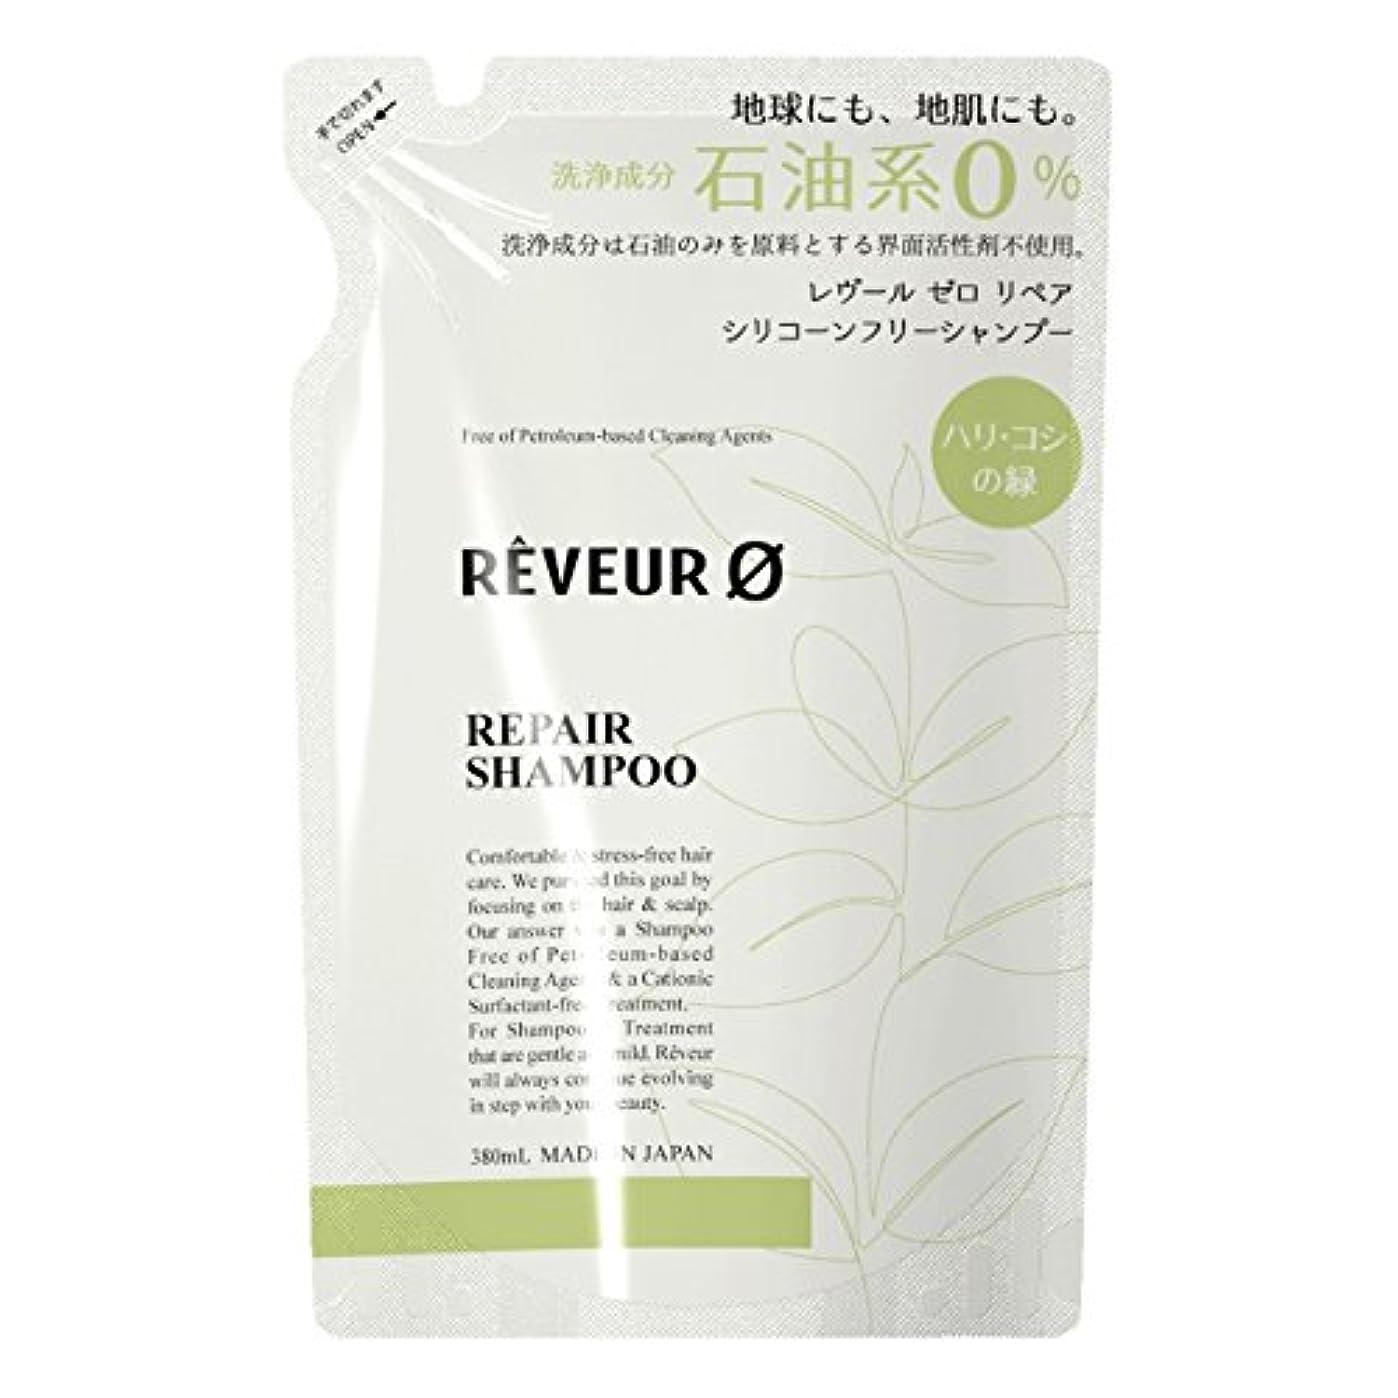 リネンコース告白Reveur0(レヴール ゼロ) リペア シリコーンフリー シャンプー 〈詰替〉 (380mL)